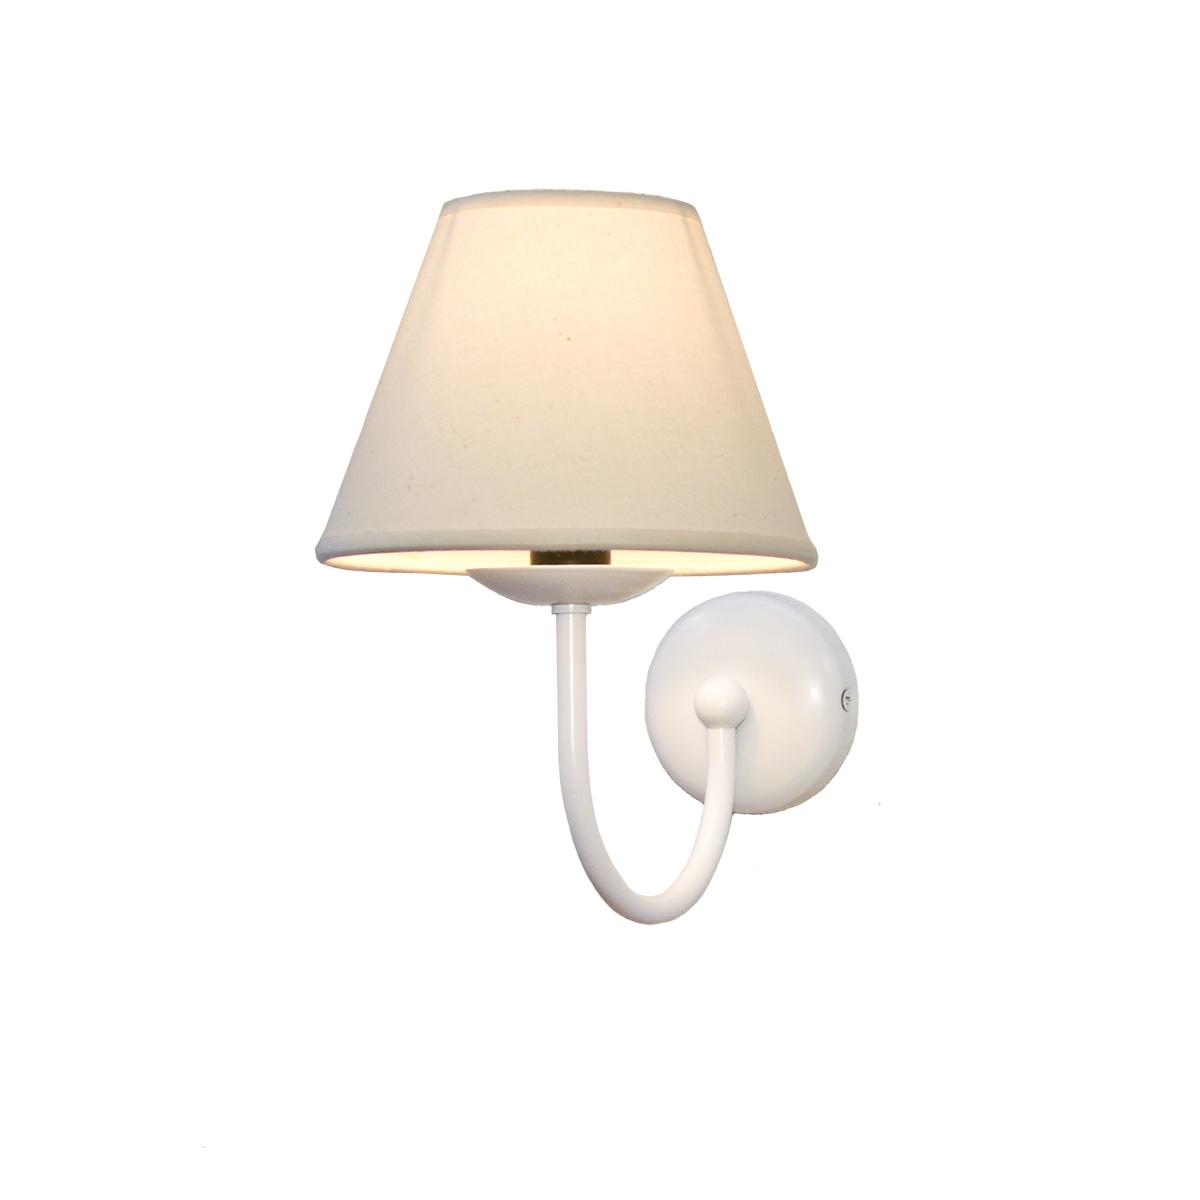 Φωτιστικό τοίχου σε λευκή πατίνα με καπέλο BIANCO-2 white patinated wall lamp with shade